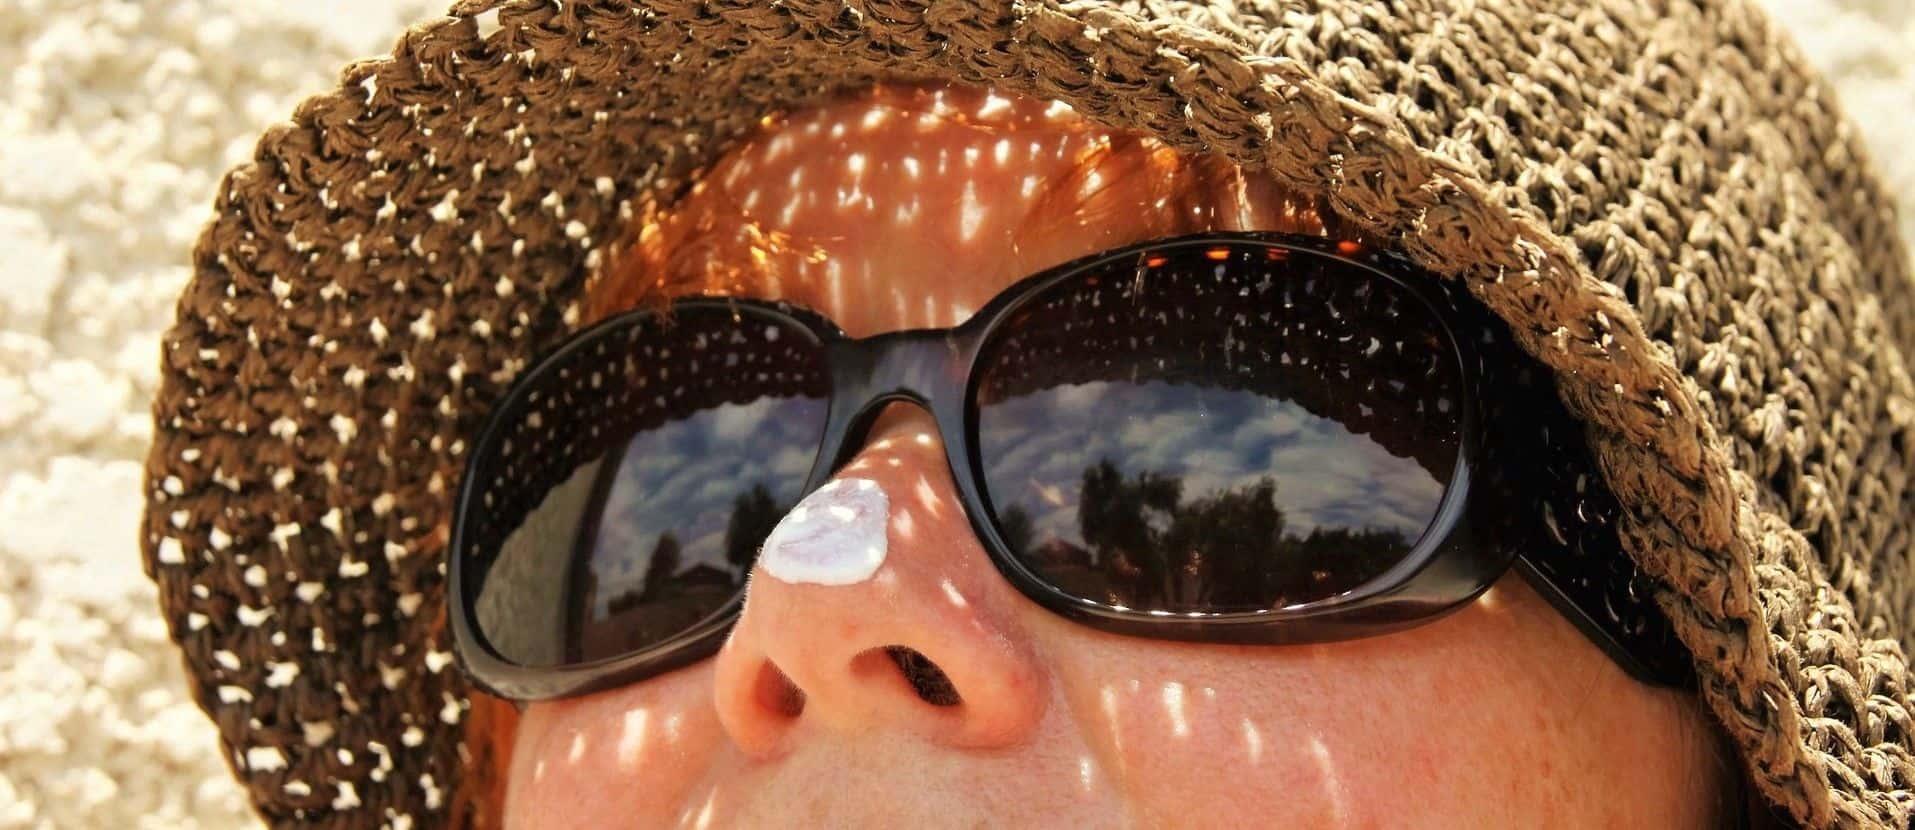 كريم شائع للوقاية من الشمس قد يساعد على صنع ألواح شمسية أفضل